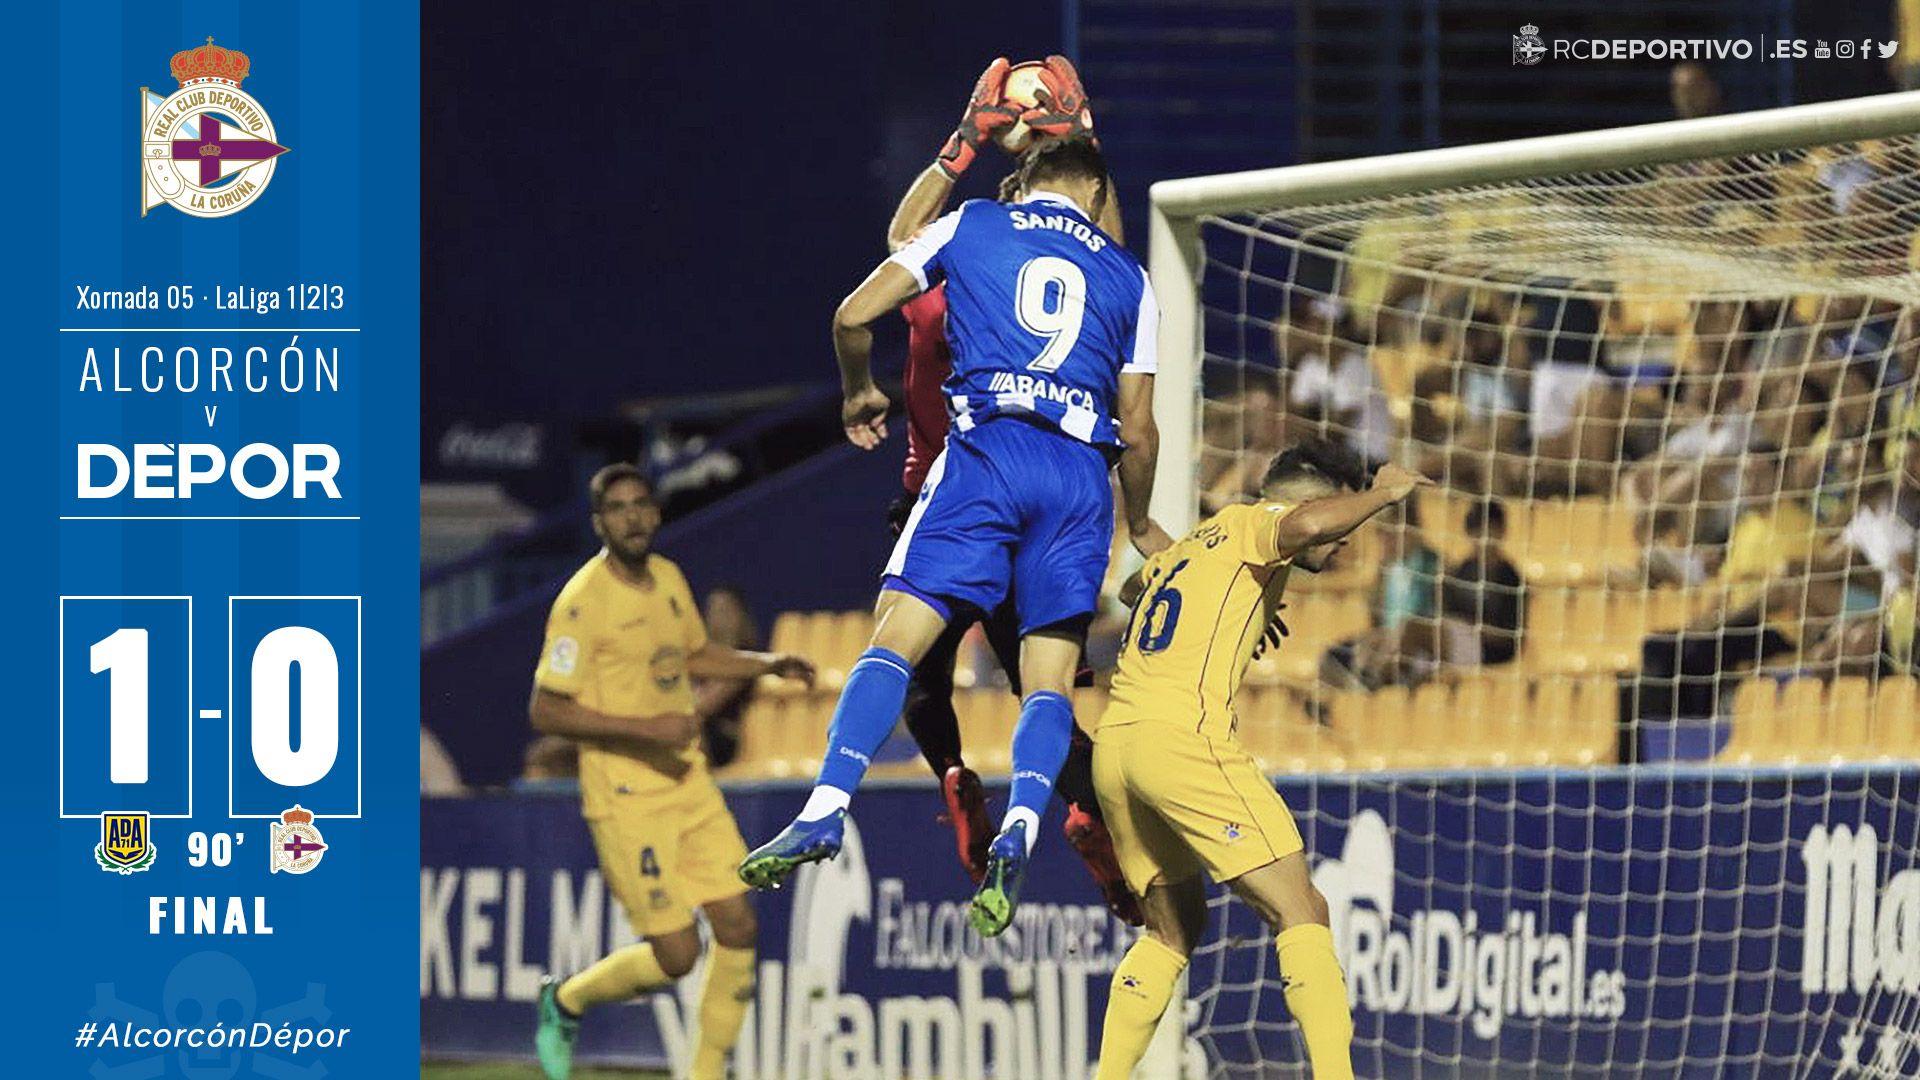 Final do #AlcorcónDépor (1-0) no Estadio de Santo Domingo! https://t.co/qgGRnKXAJO